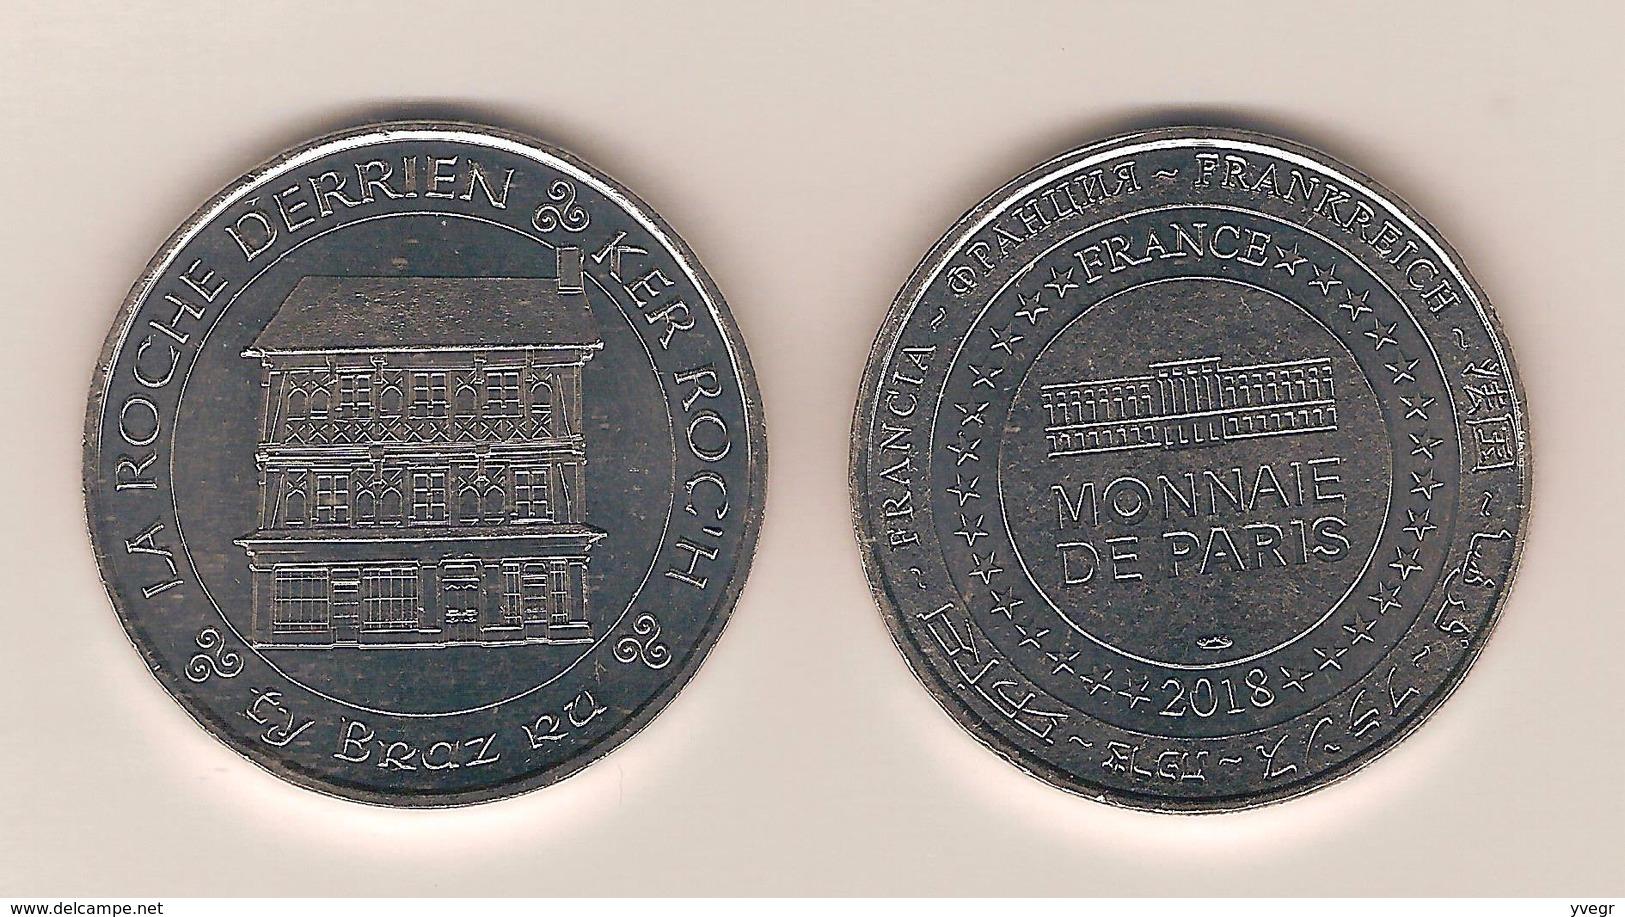 Jeton Touristique , Monnaie De Paris , 22 La Roche Derrien 2018 ( Blanche ) - Monnaie De Paris